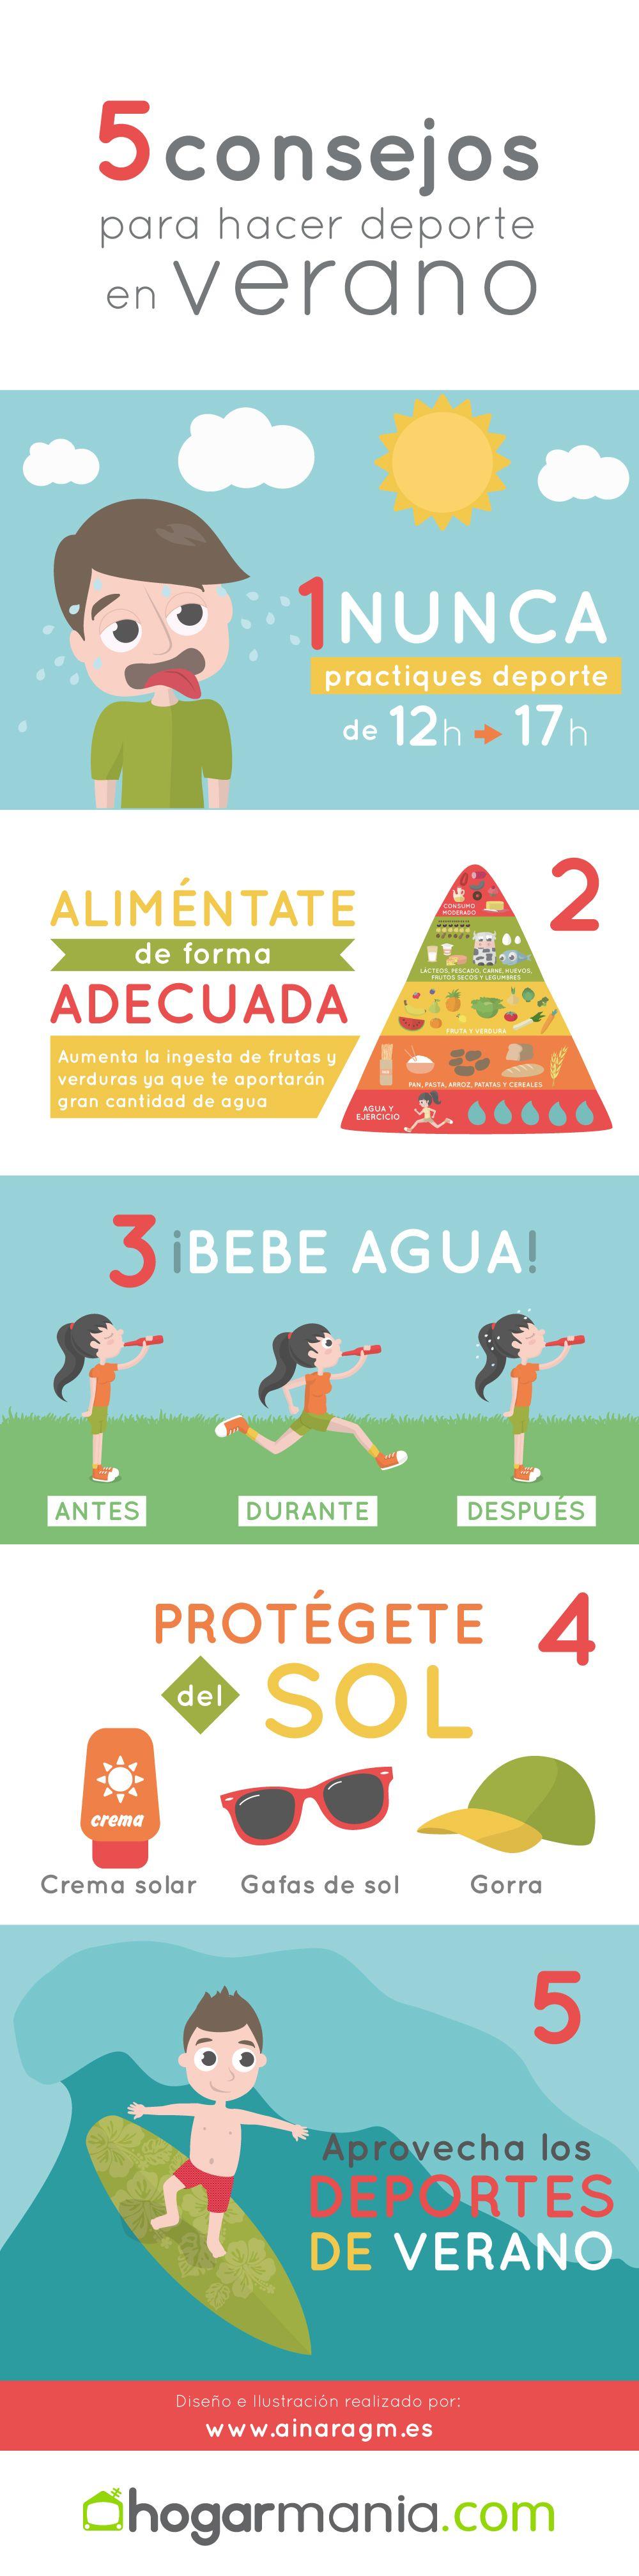 infografía deporte verano